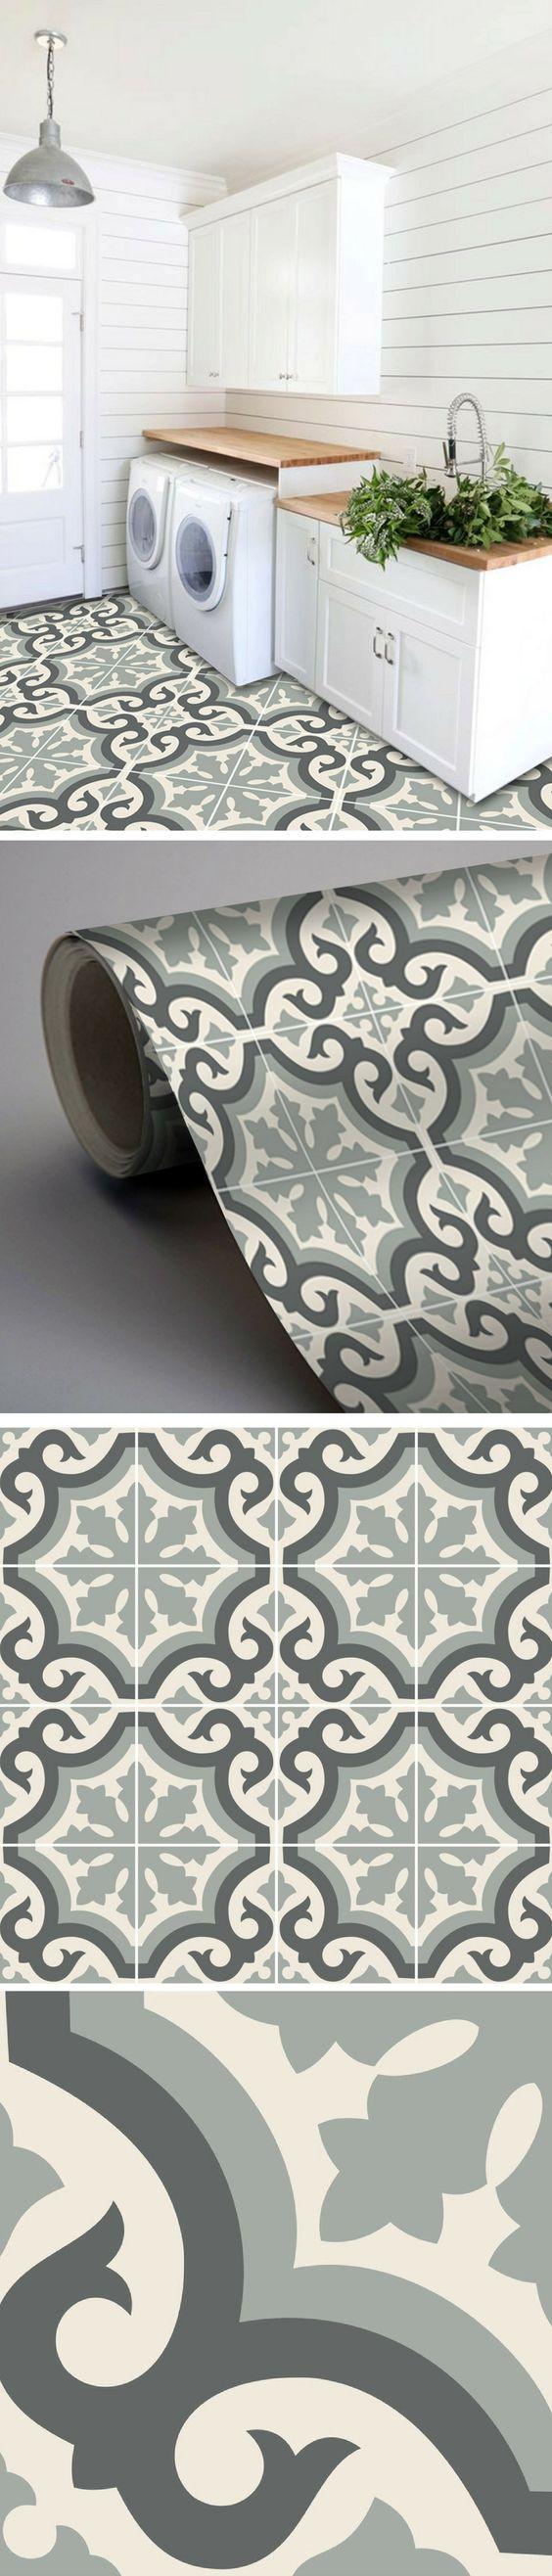 Carrelage Adhesif Imitation Carreaux De Ciment Pour Relooker La